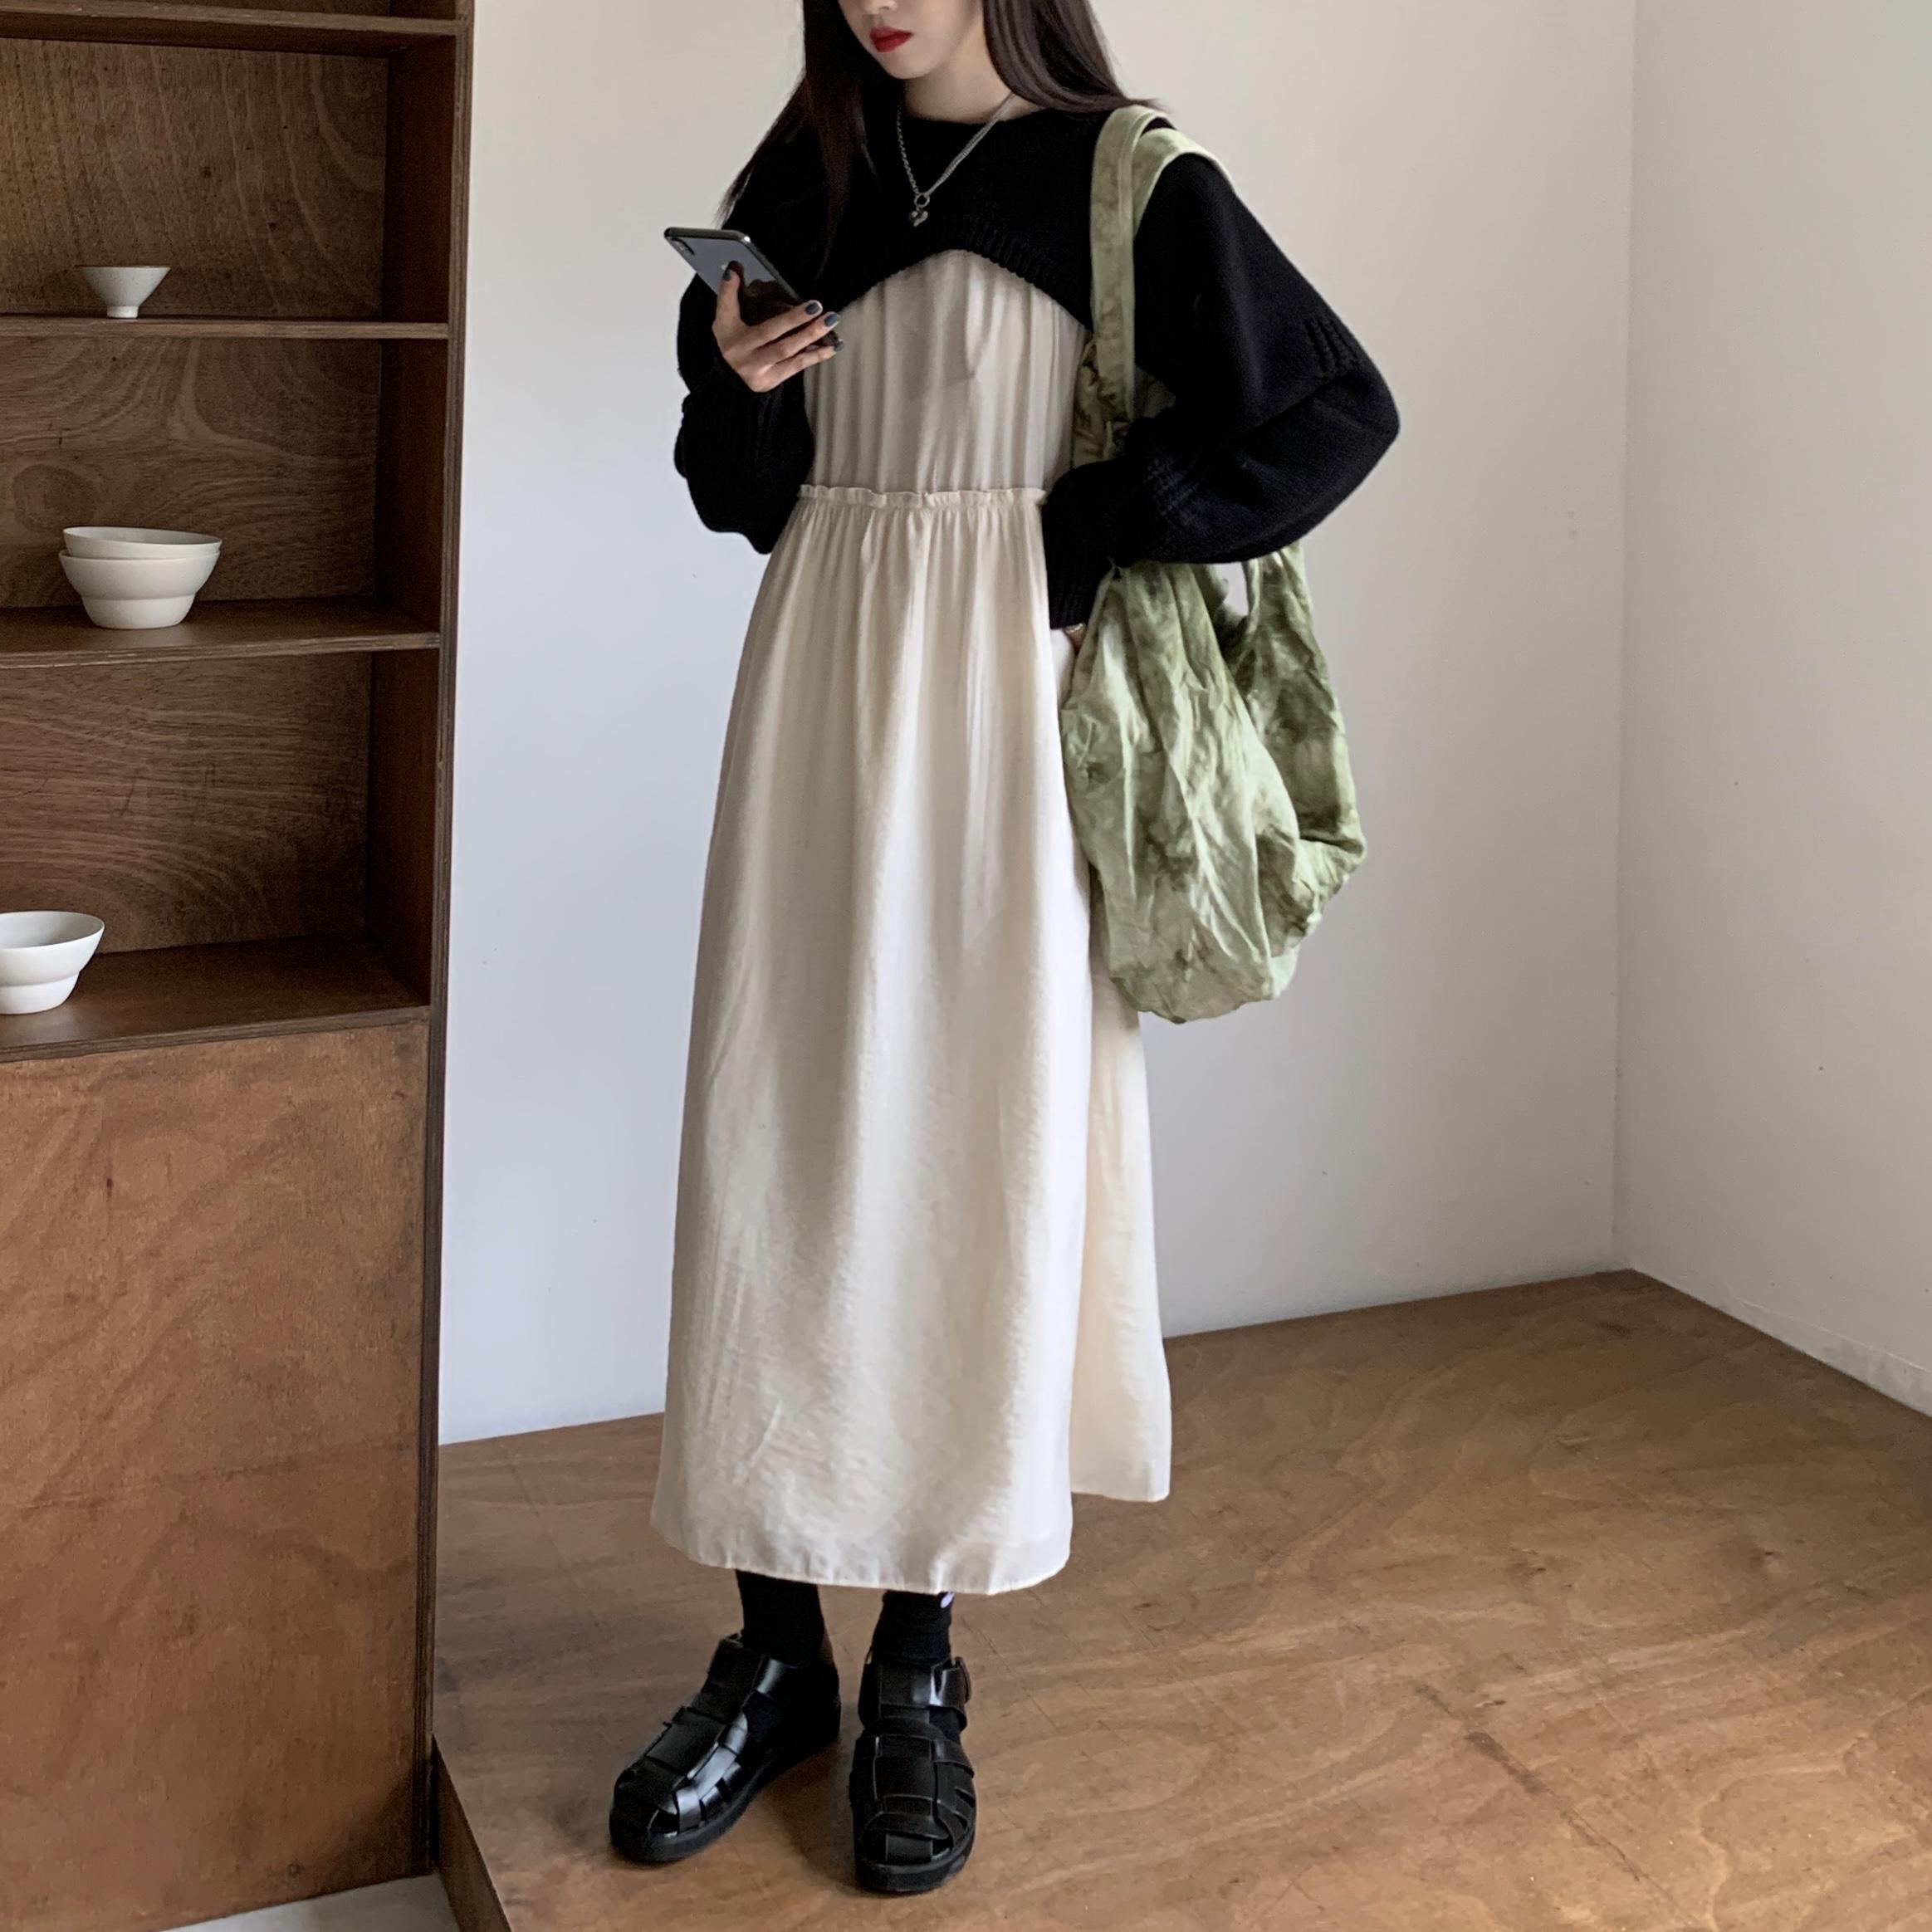 实拍宽松外穿短款慵懒风镂空长袖针织毛衣+连衣裙打底裙长裙-Lucky-